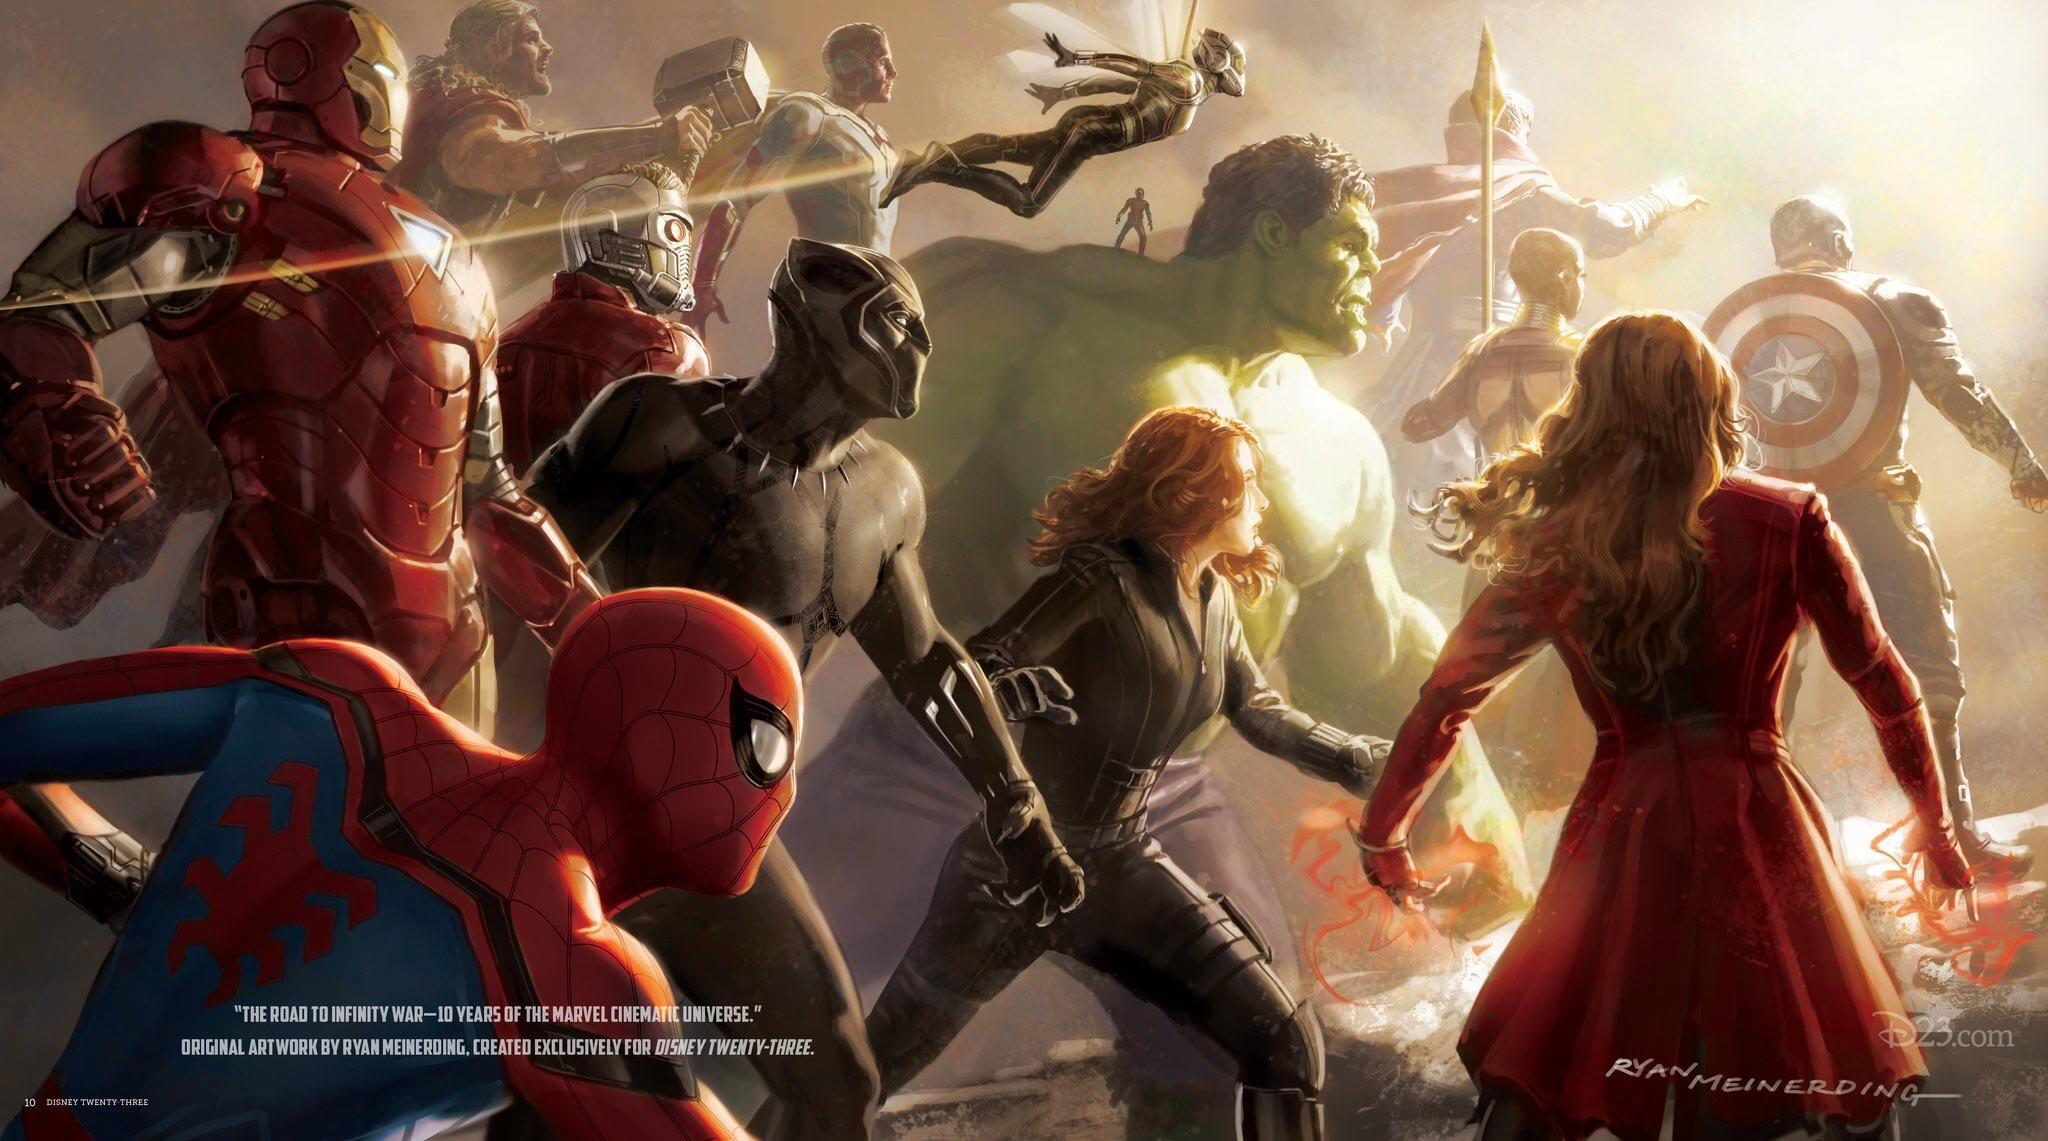 Cine Peperi amplia sessões legendadas do filme Os Vingadores: Guerra Infinita